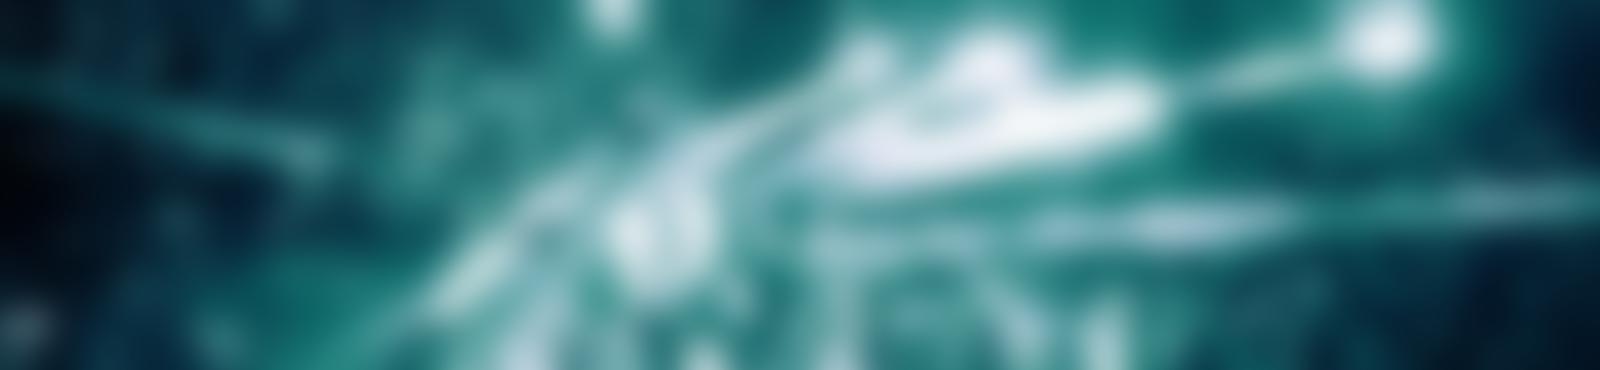 Blurred 3c556036 686c 4b62 8a6f f7538cb5ddd9